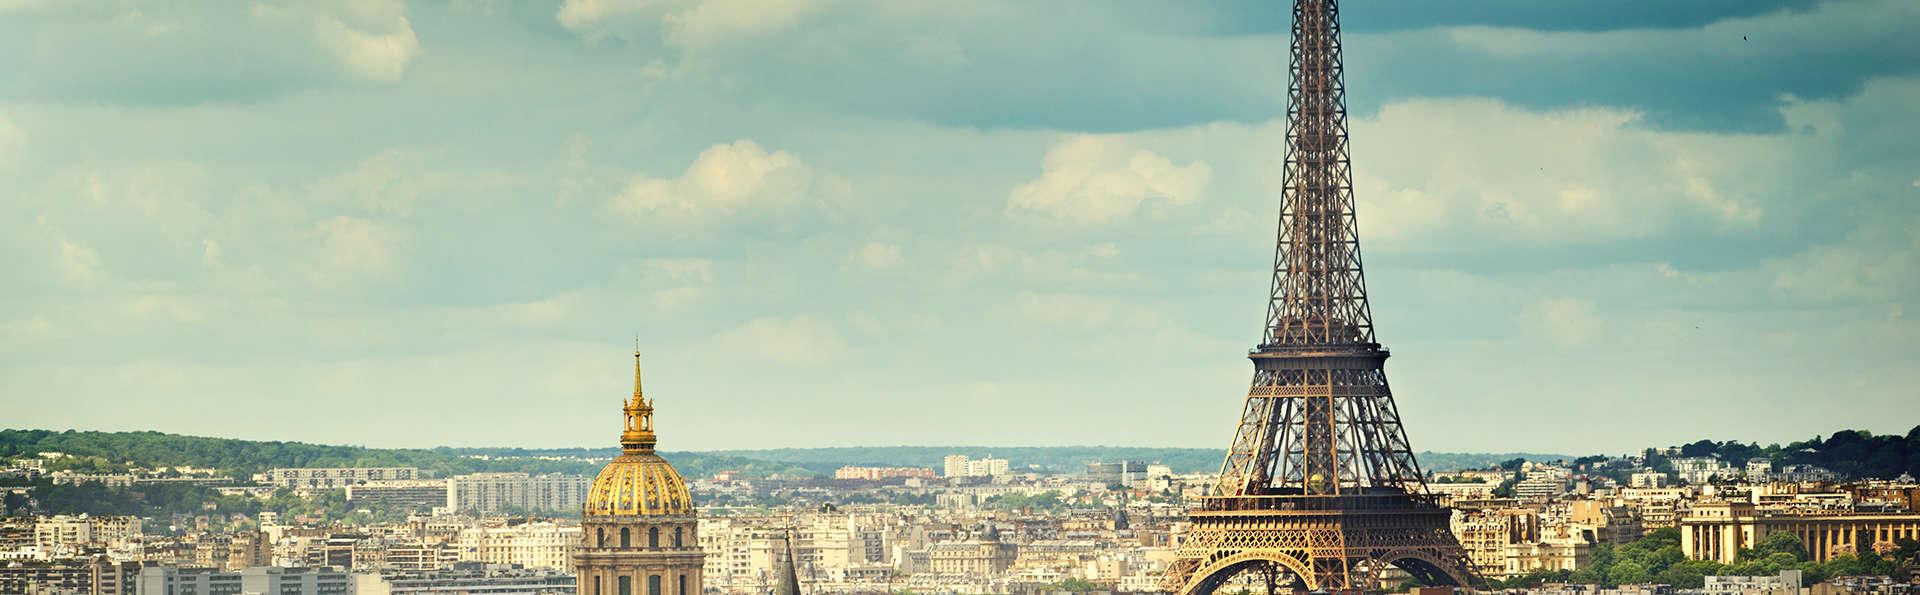 Seven h tel 4 paris france for Seven hotel paris booking